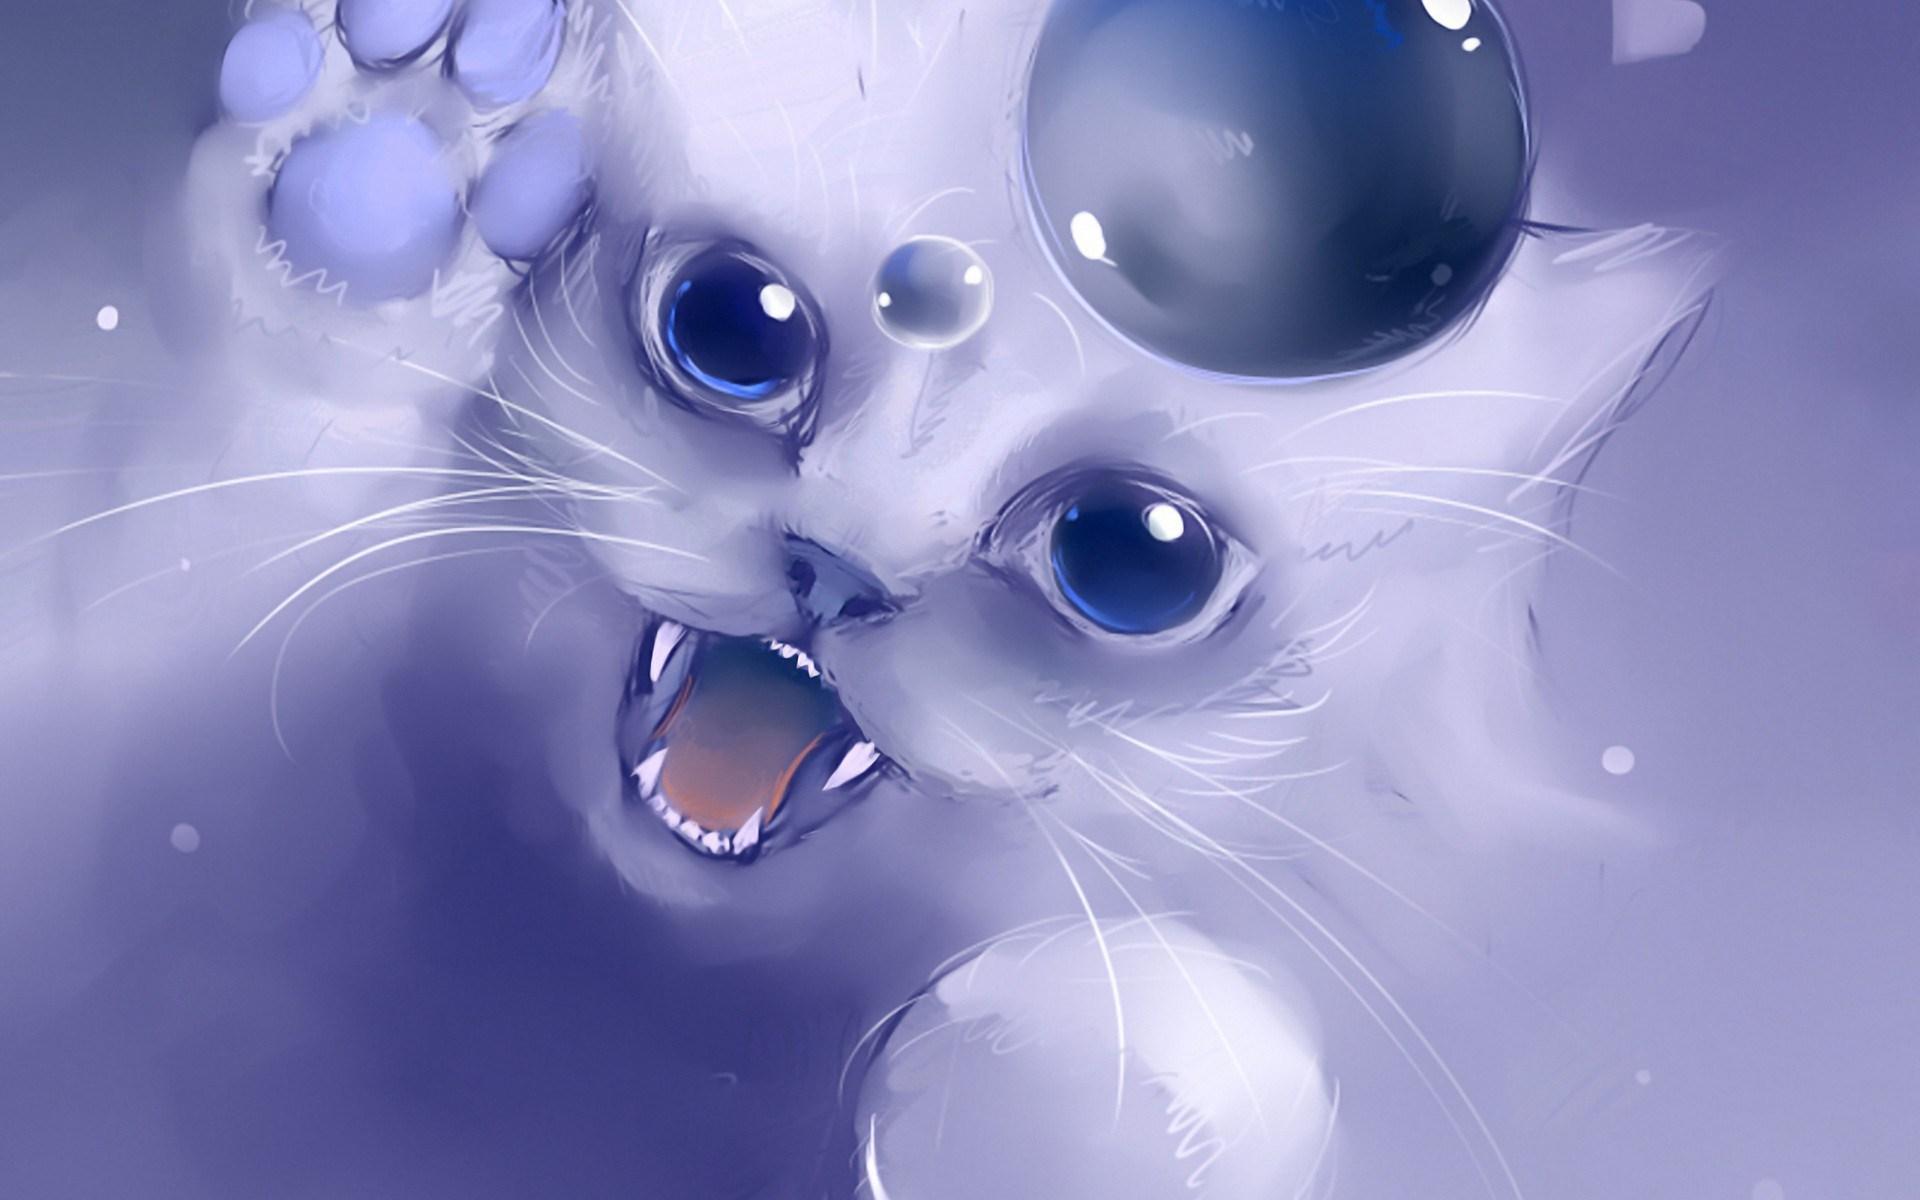 Anime cat wallpaper wallpapersafari - Anime cat wallpaper ...